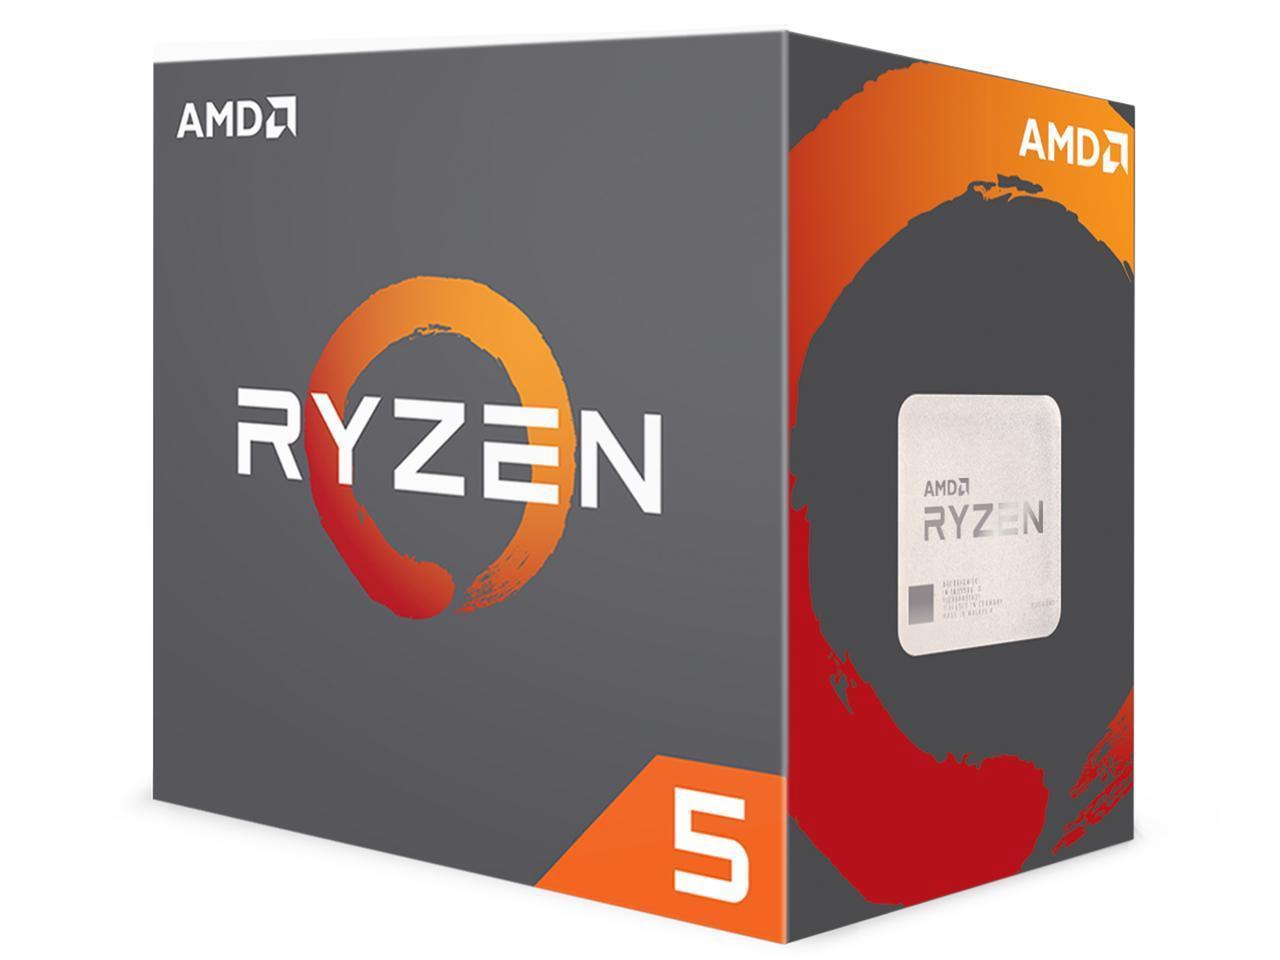 Процесор AMD RYZEN 5 1600X 6-Core 3.6 GHz (4.0 GHz Turbo) 19MB/95W/AM4